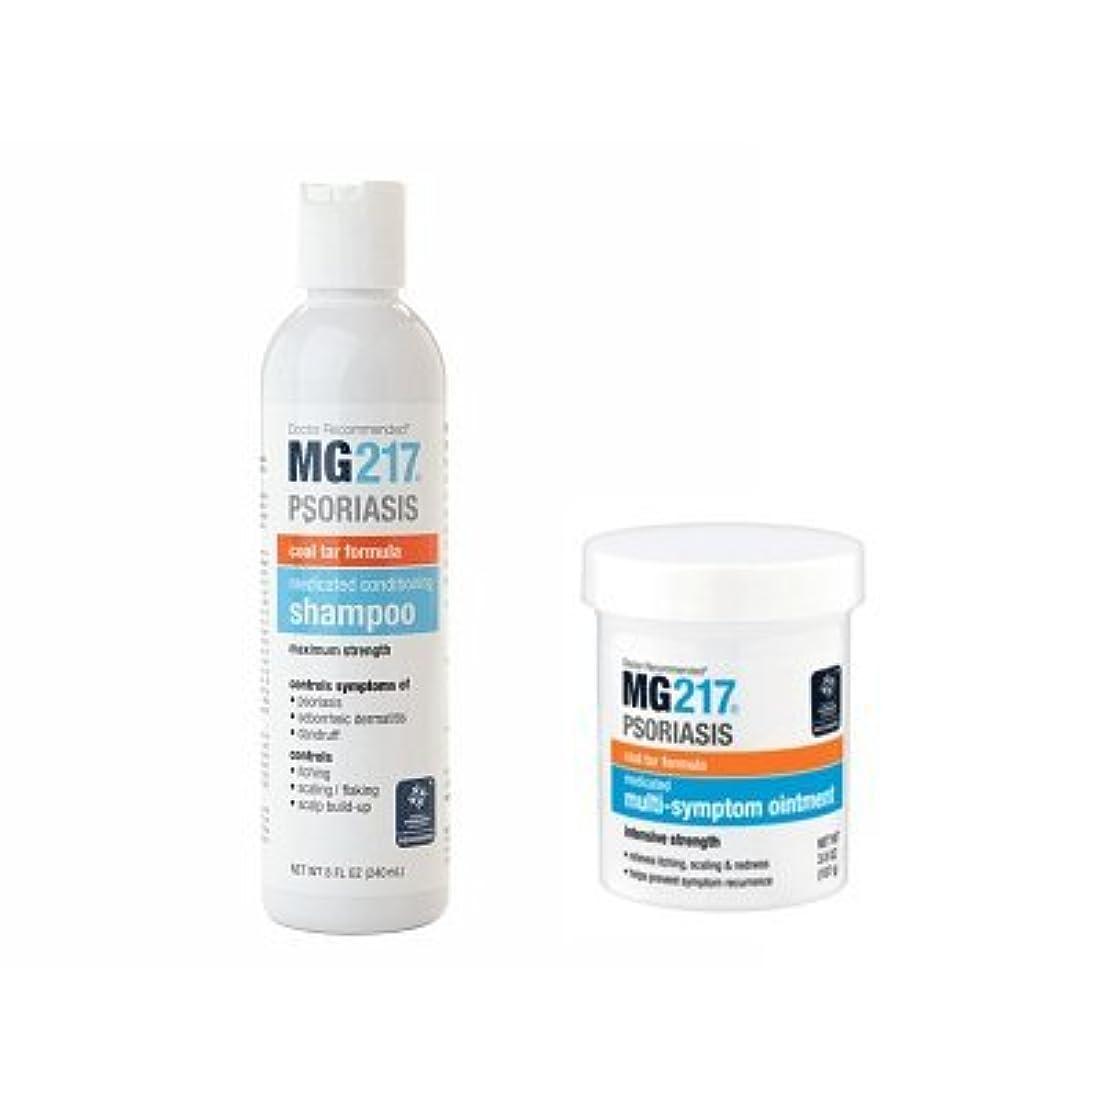 含める火どう?MG217 シャンプー&軟膏セット 240ml/107ml Psoriasis Medicated Conditioning Shampoo,Ointment set 海外直送品